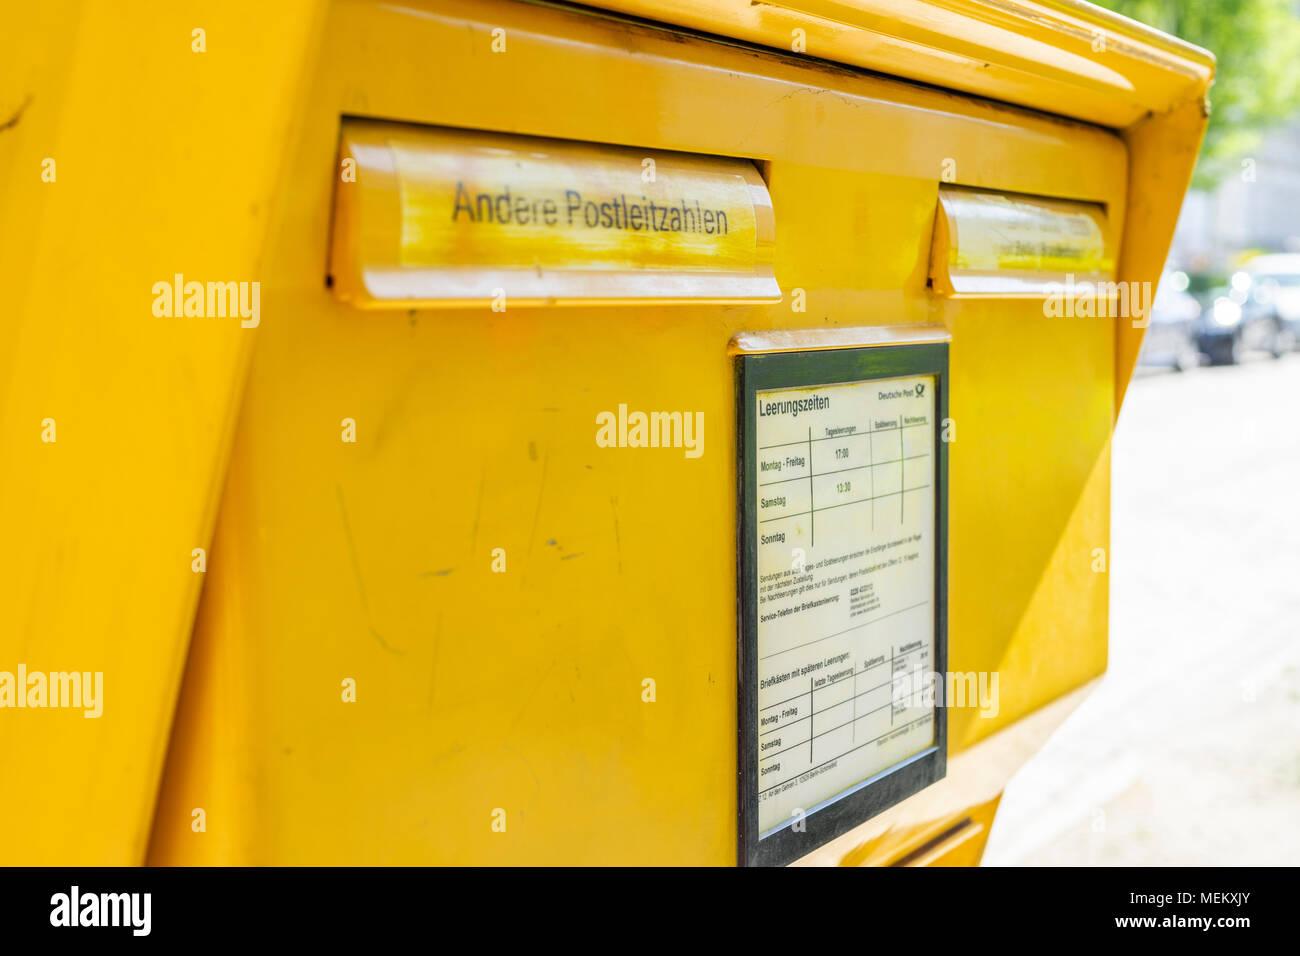 Gelbe Deutsche Post Brief Briefkasten In Deutschland Stockfoto